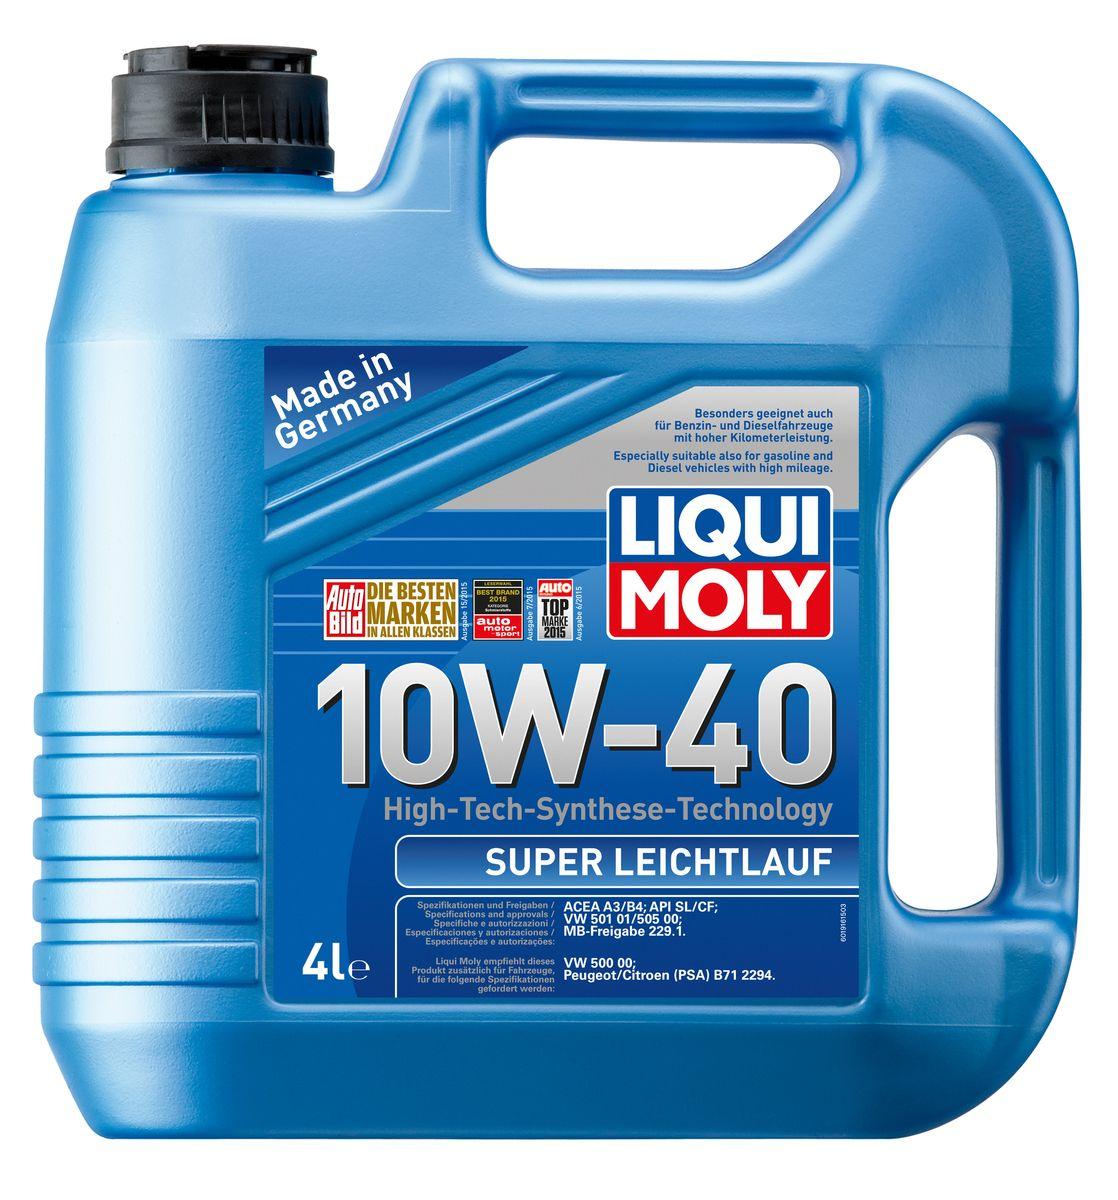 Масло моторное Liqui Moly Super Leichtlauf, НС-синтетическое, 10W-40, 4 лS03301004Масло моторное Liqui Moly Super Leichtlauf - универсальное моторное масло на базе гидрокрекинговой технологии синтеза (HC-синтеза). Удовлетворяет современным требованиям международных стандартов API и ACEA, а также имеет оригинальные допуски таких производителей, как Mercedes-Benz, Volkswagen Group. Масло имеет высокую стабильность к окислению и угару, поэтому может использоваться в нагруженных бензиновых и дизельных двигателях с турбонаддувом и интеркулером. В моторном масле Leichtlauf Super 10W-40 используются базовые компоненты, произведенные по новейшим технологиям синтеза и отличающиеся высочайшими защитными свойствами. Масло содержит современный пакет присадок, который обеспечивает высокий уровень защиты от износа и гарантирует стабильное поступление масла ко всем деталям двигателя. Особенности: - Высокая стабильность масляной пленки при высоких и низких температурах- Высокие противоизносные свойства- Обеспечивает оптимальную чистоту двигателя- Протестировано на совместимость с турбированными двигателями и катализаторомДопуск: -API: SL/CF-ACEA: A3/B4-MB: 229.1-VW: 501 01/505 00